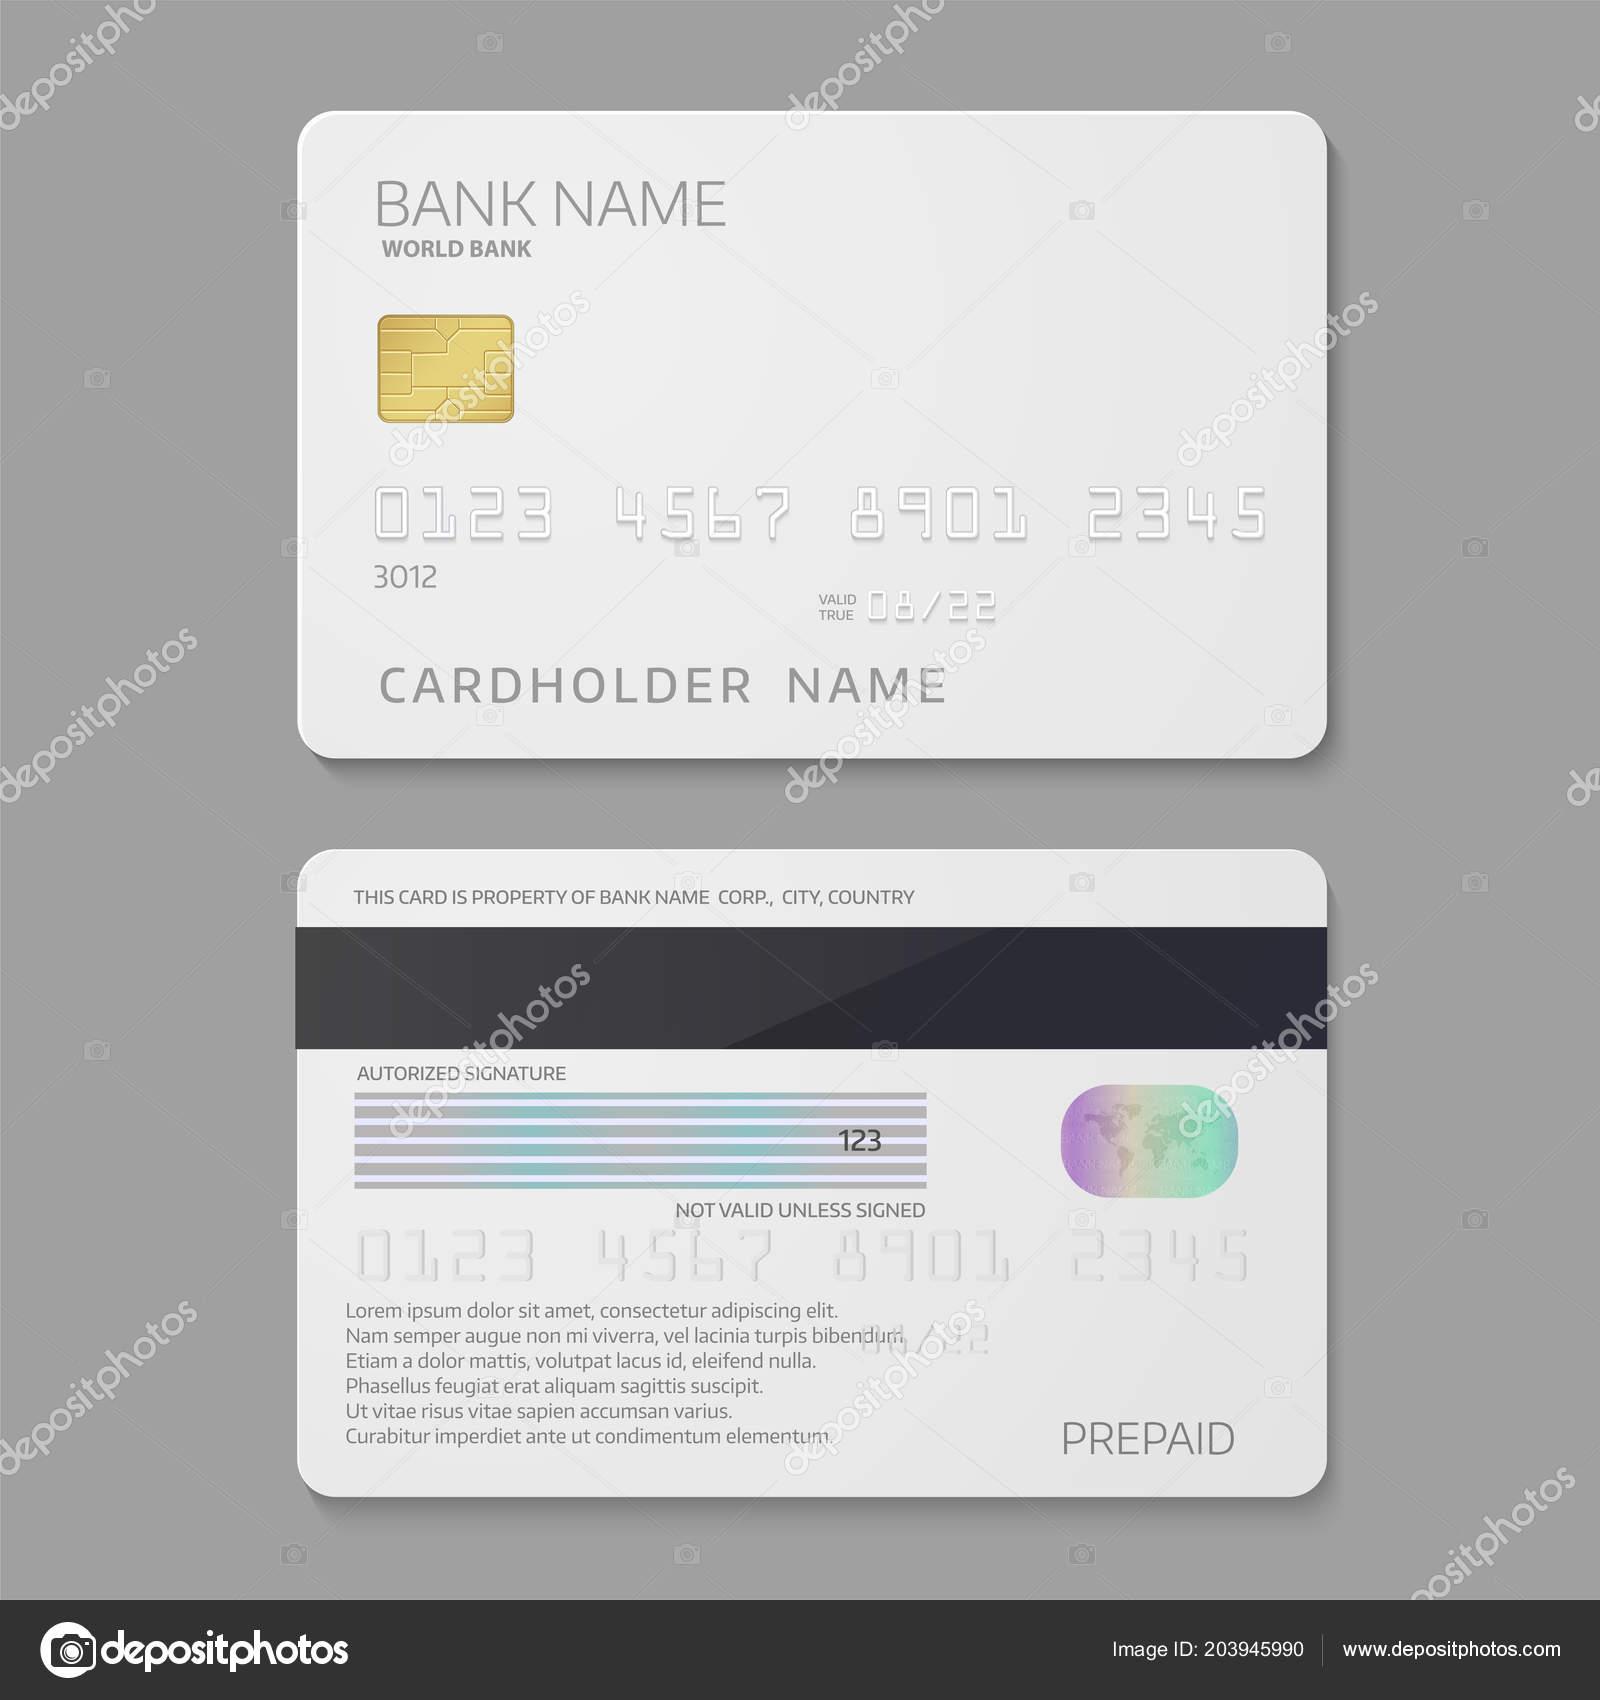 коммерческий и банковский кредит доклад